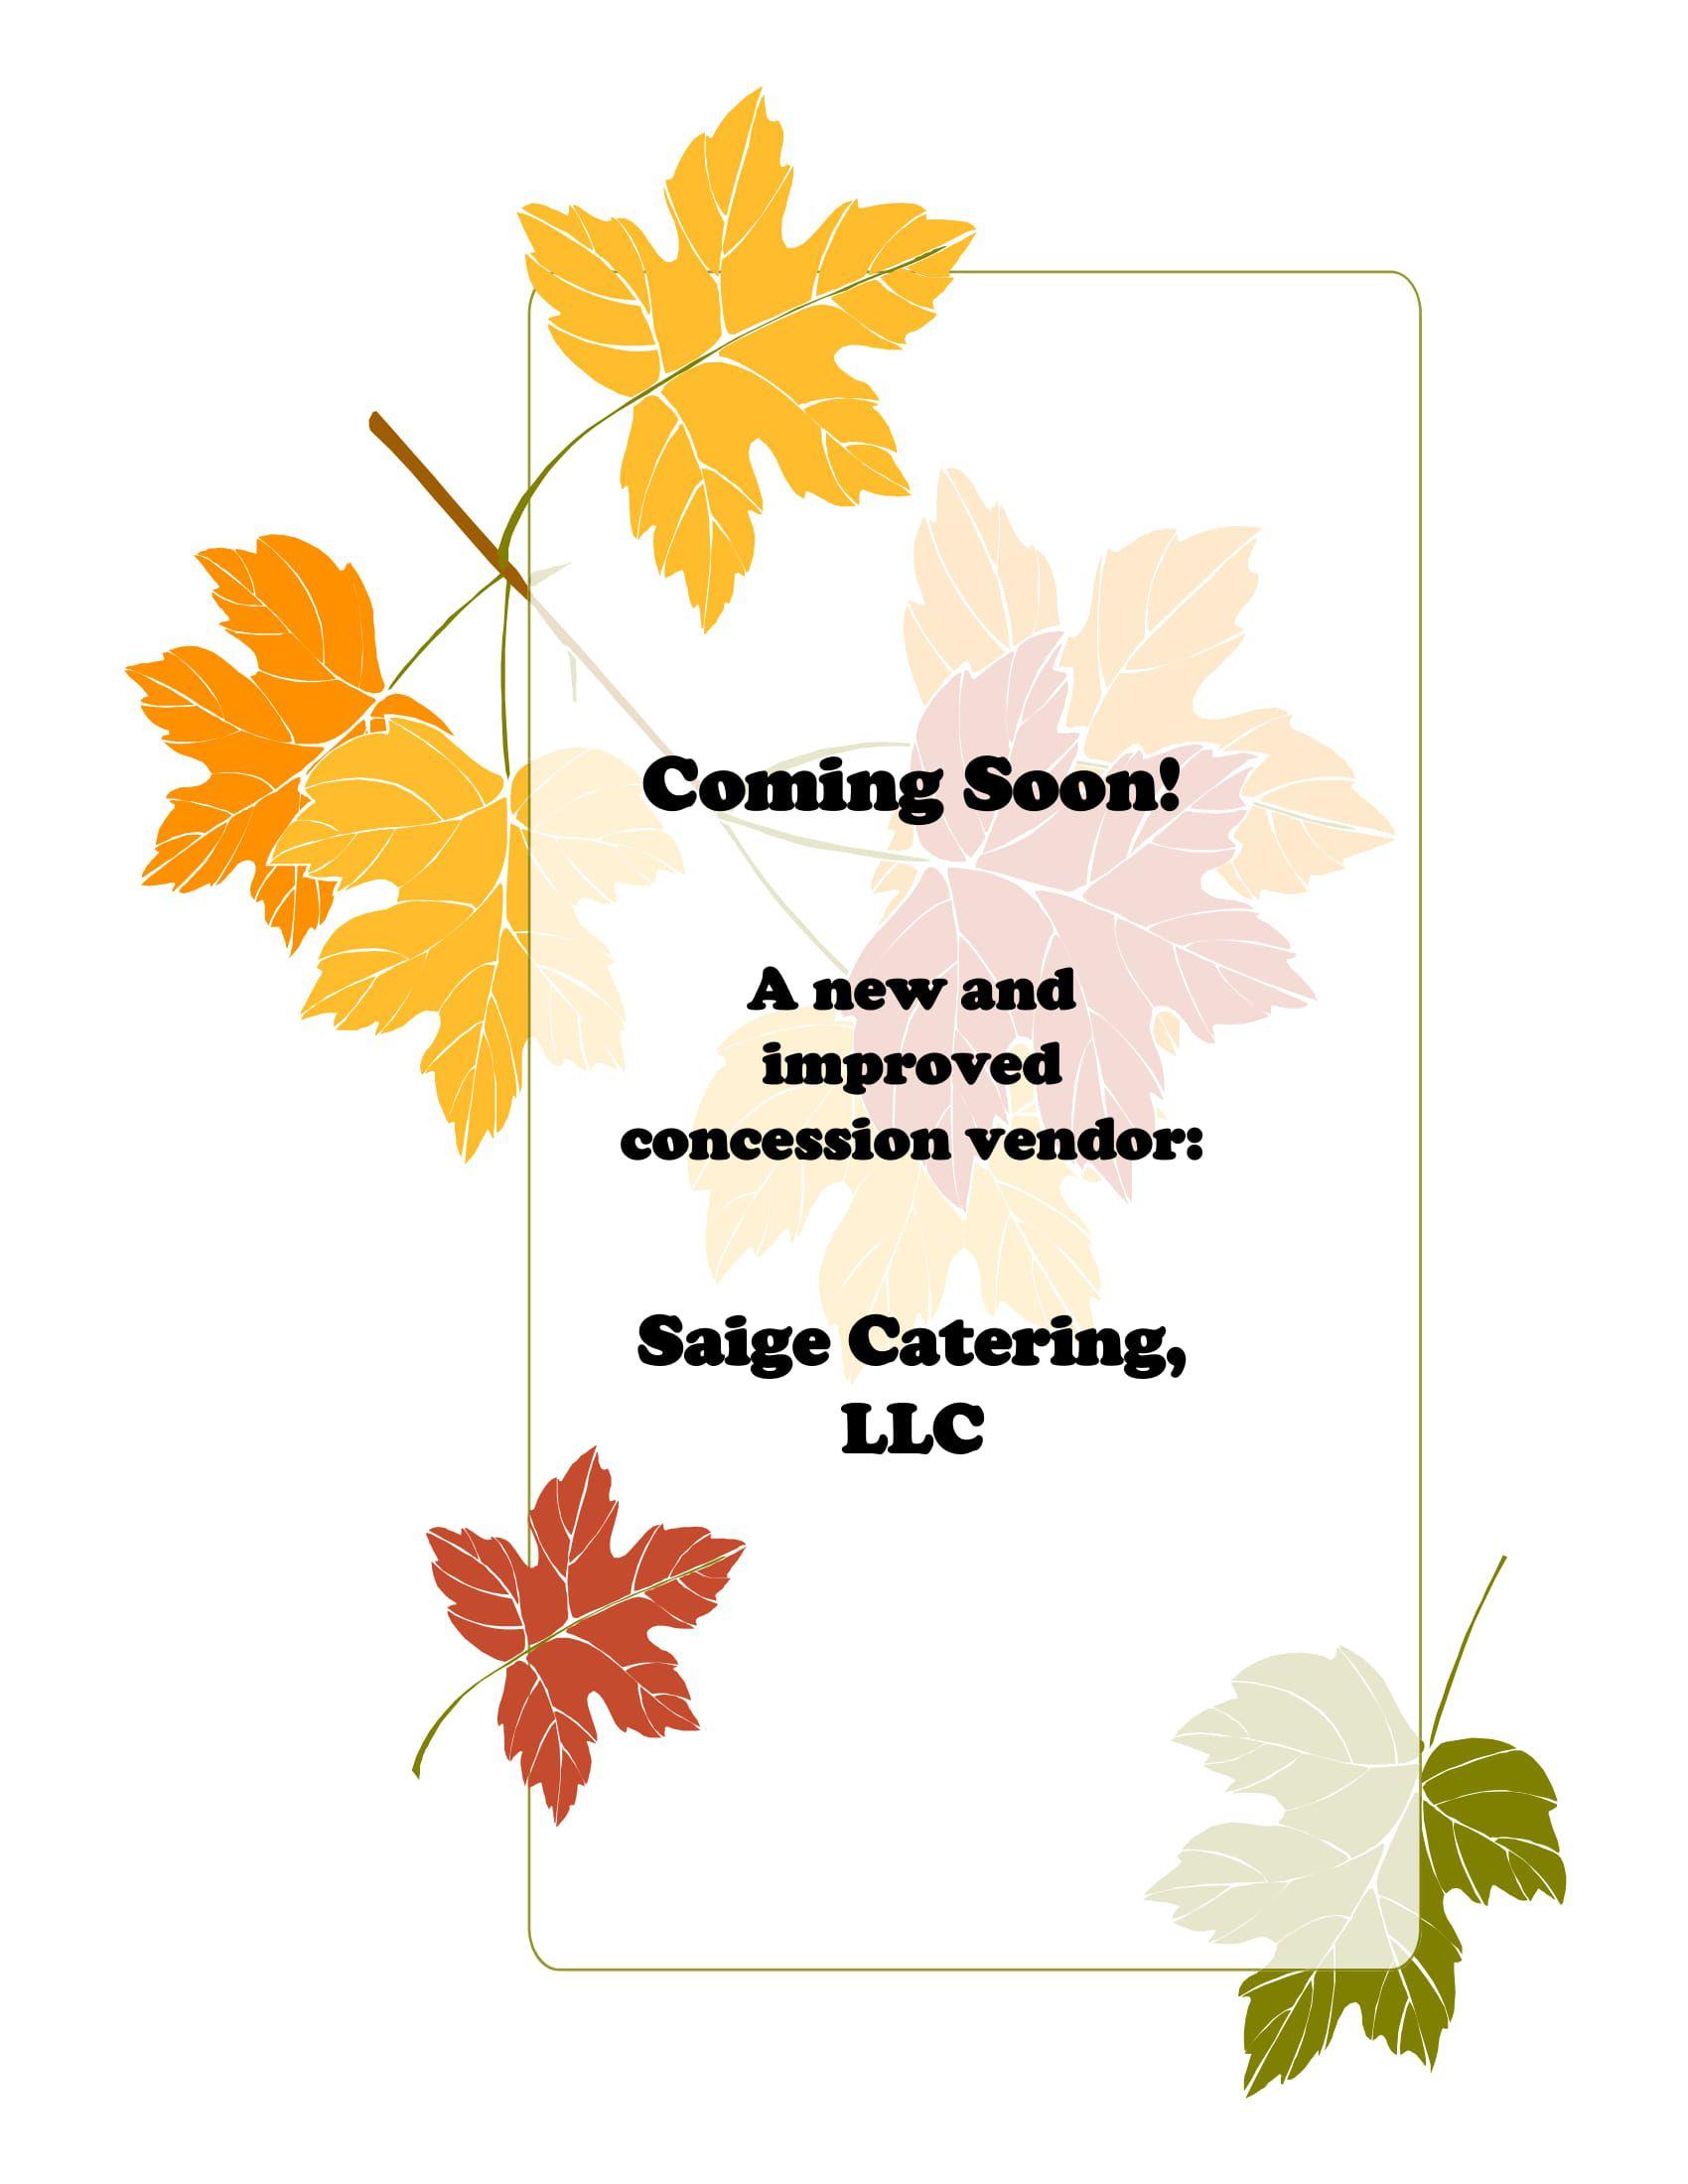 Coming Soon! Saige Catering, LLC-1.jpg